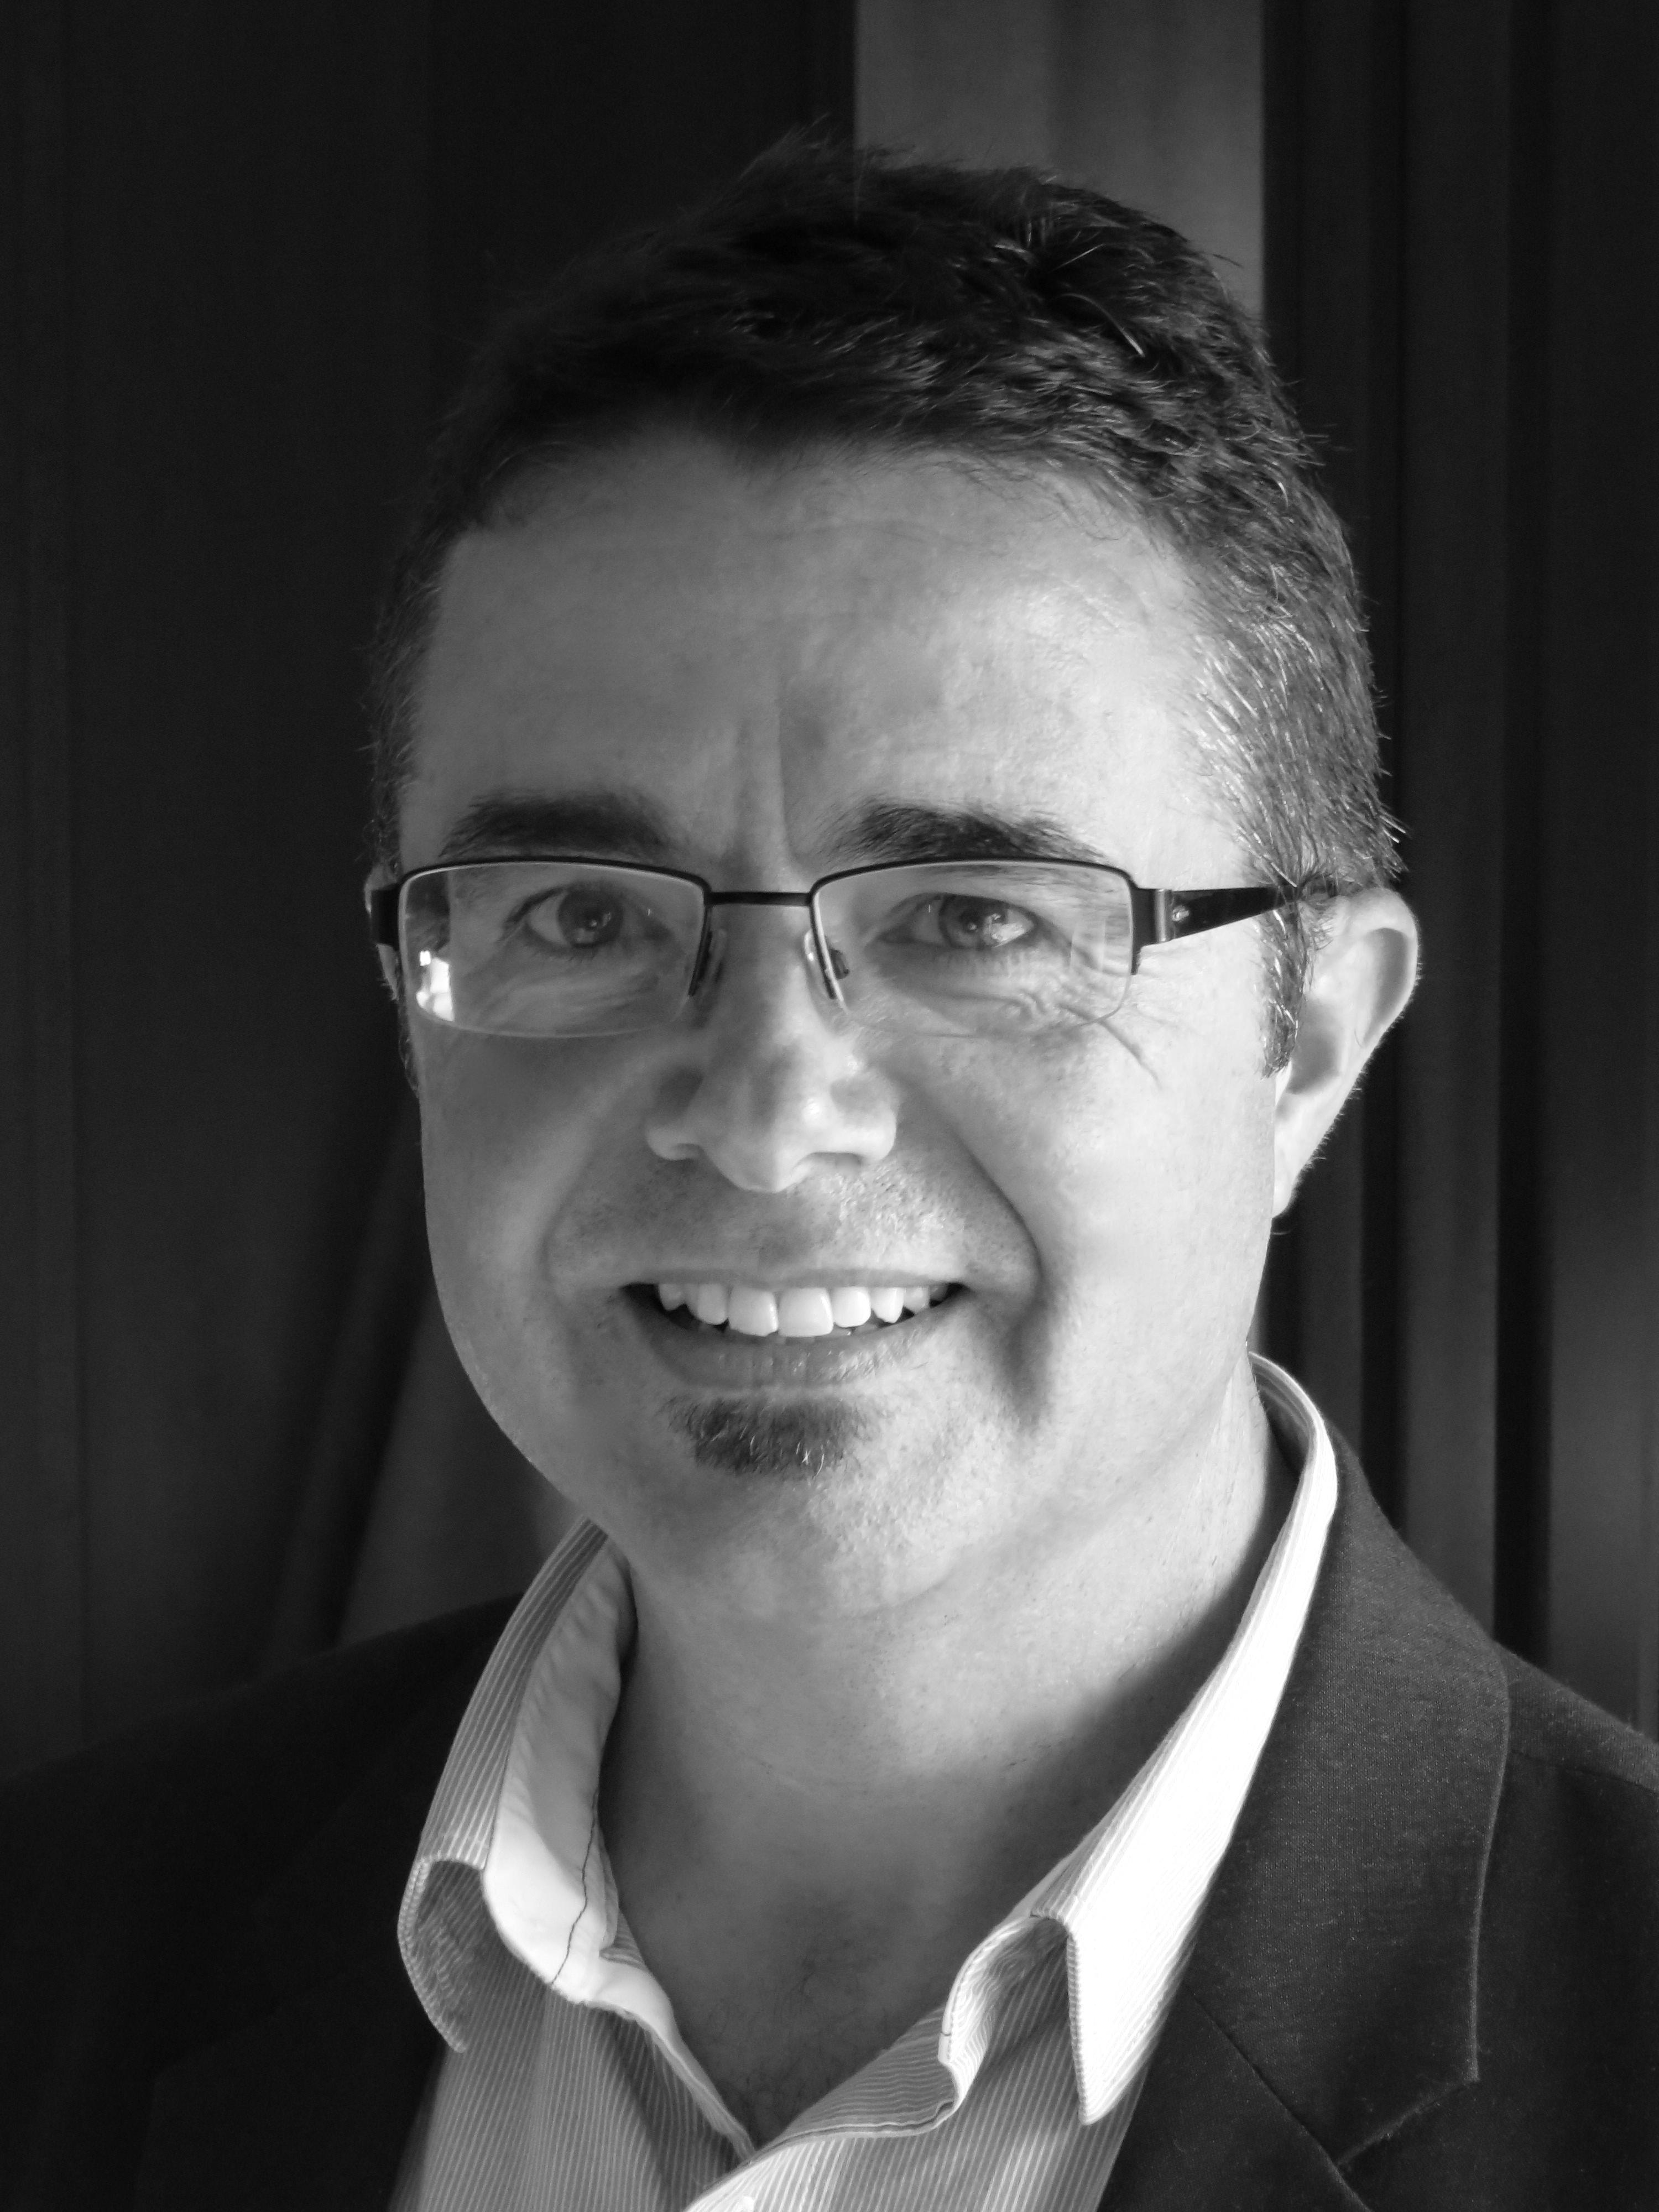 David Cook-Martín